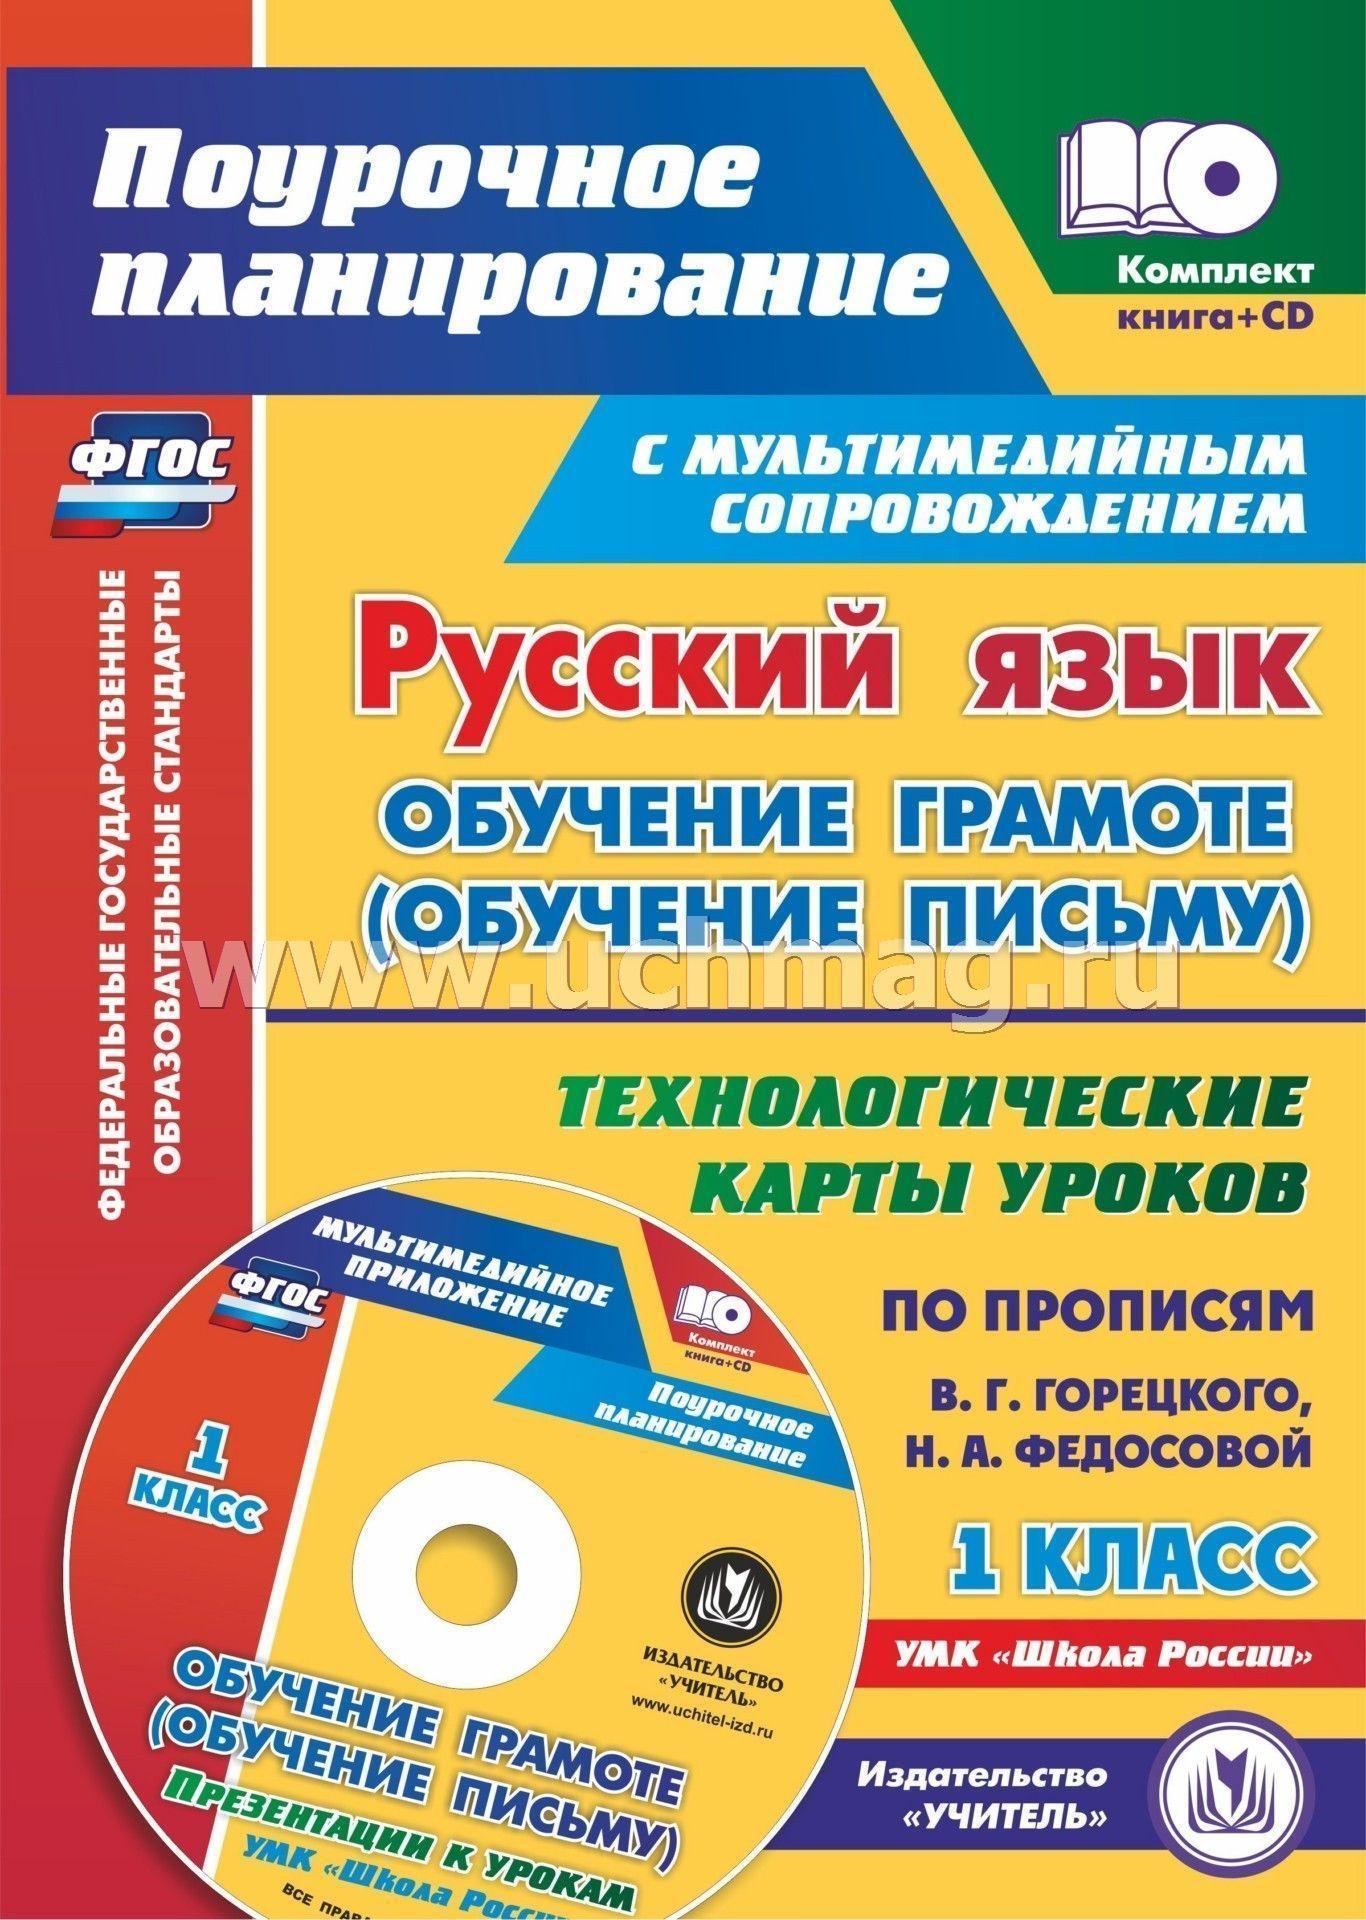 Рабочая программа по русскому языку период обучения грамоте 1 класс умк школа россии